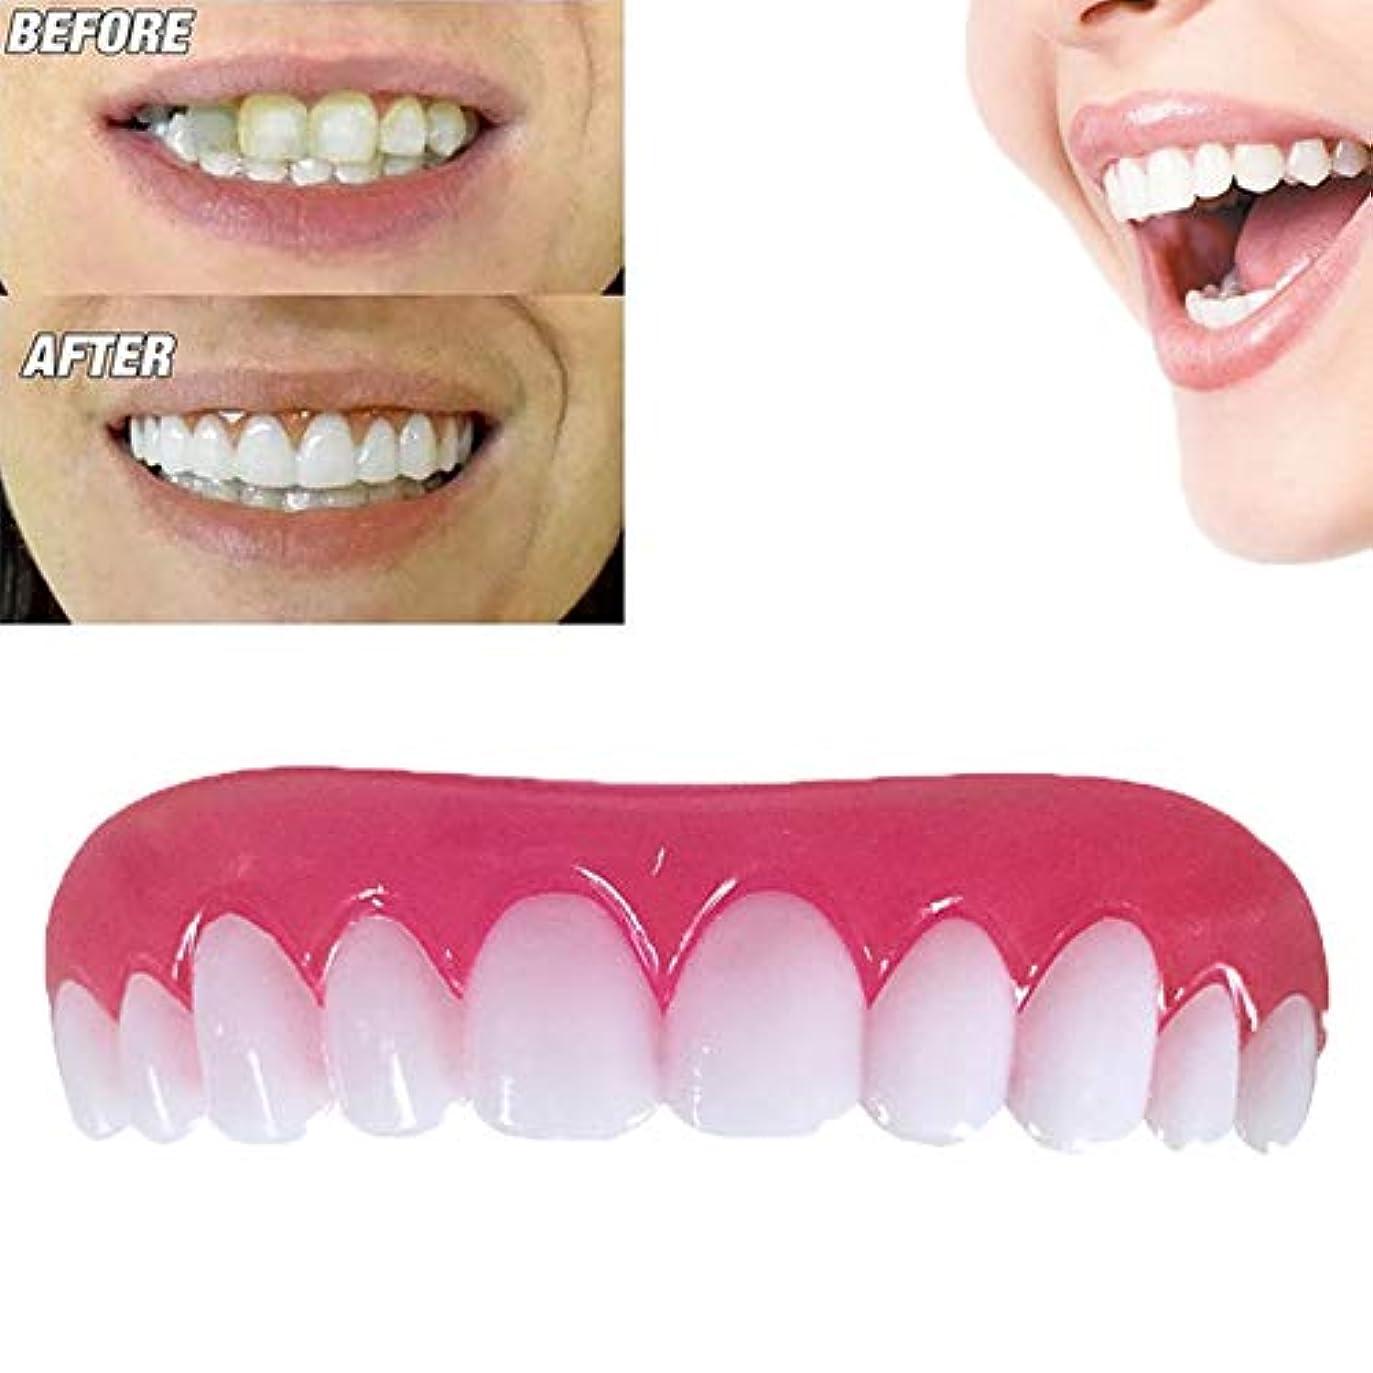 粒レクリエーション鋭く義歯化粧品歯、4個美容歯科ボタンアメージングスマイル快適な柔らかい歯科突き板歯科化粧品ステッカー